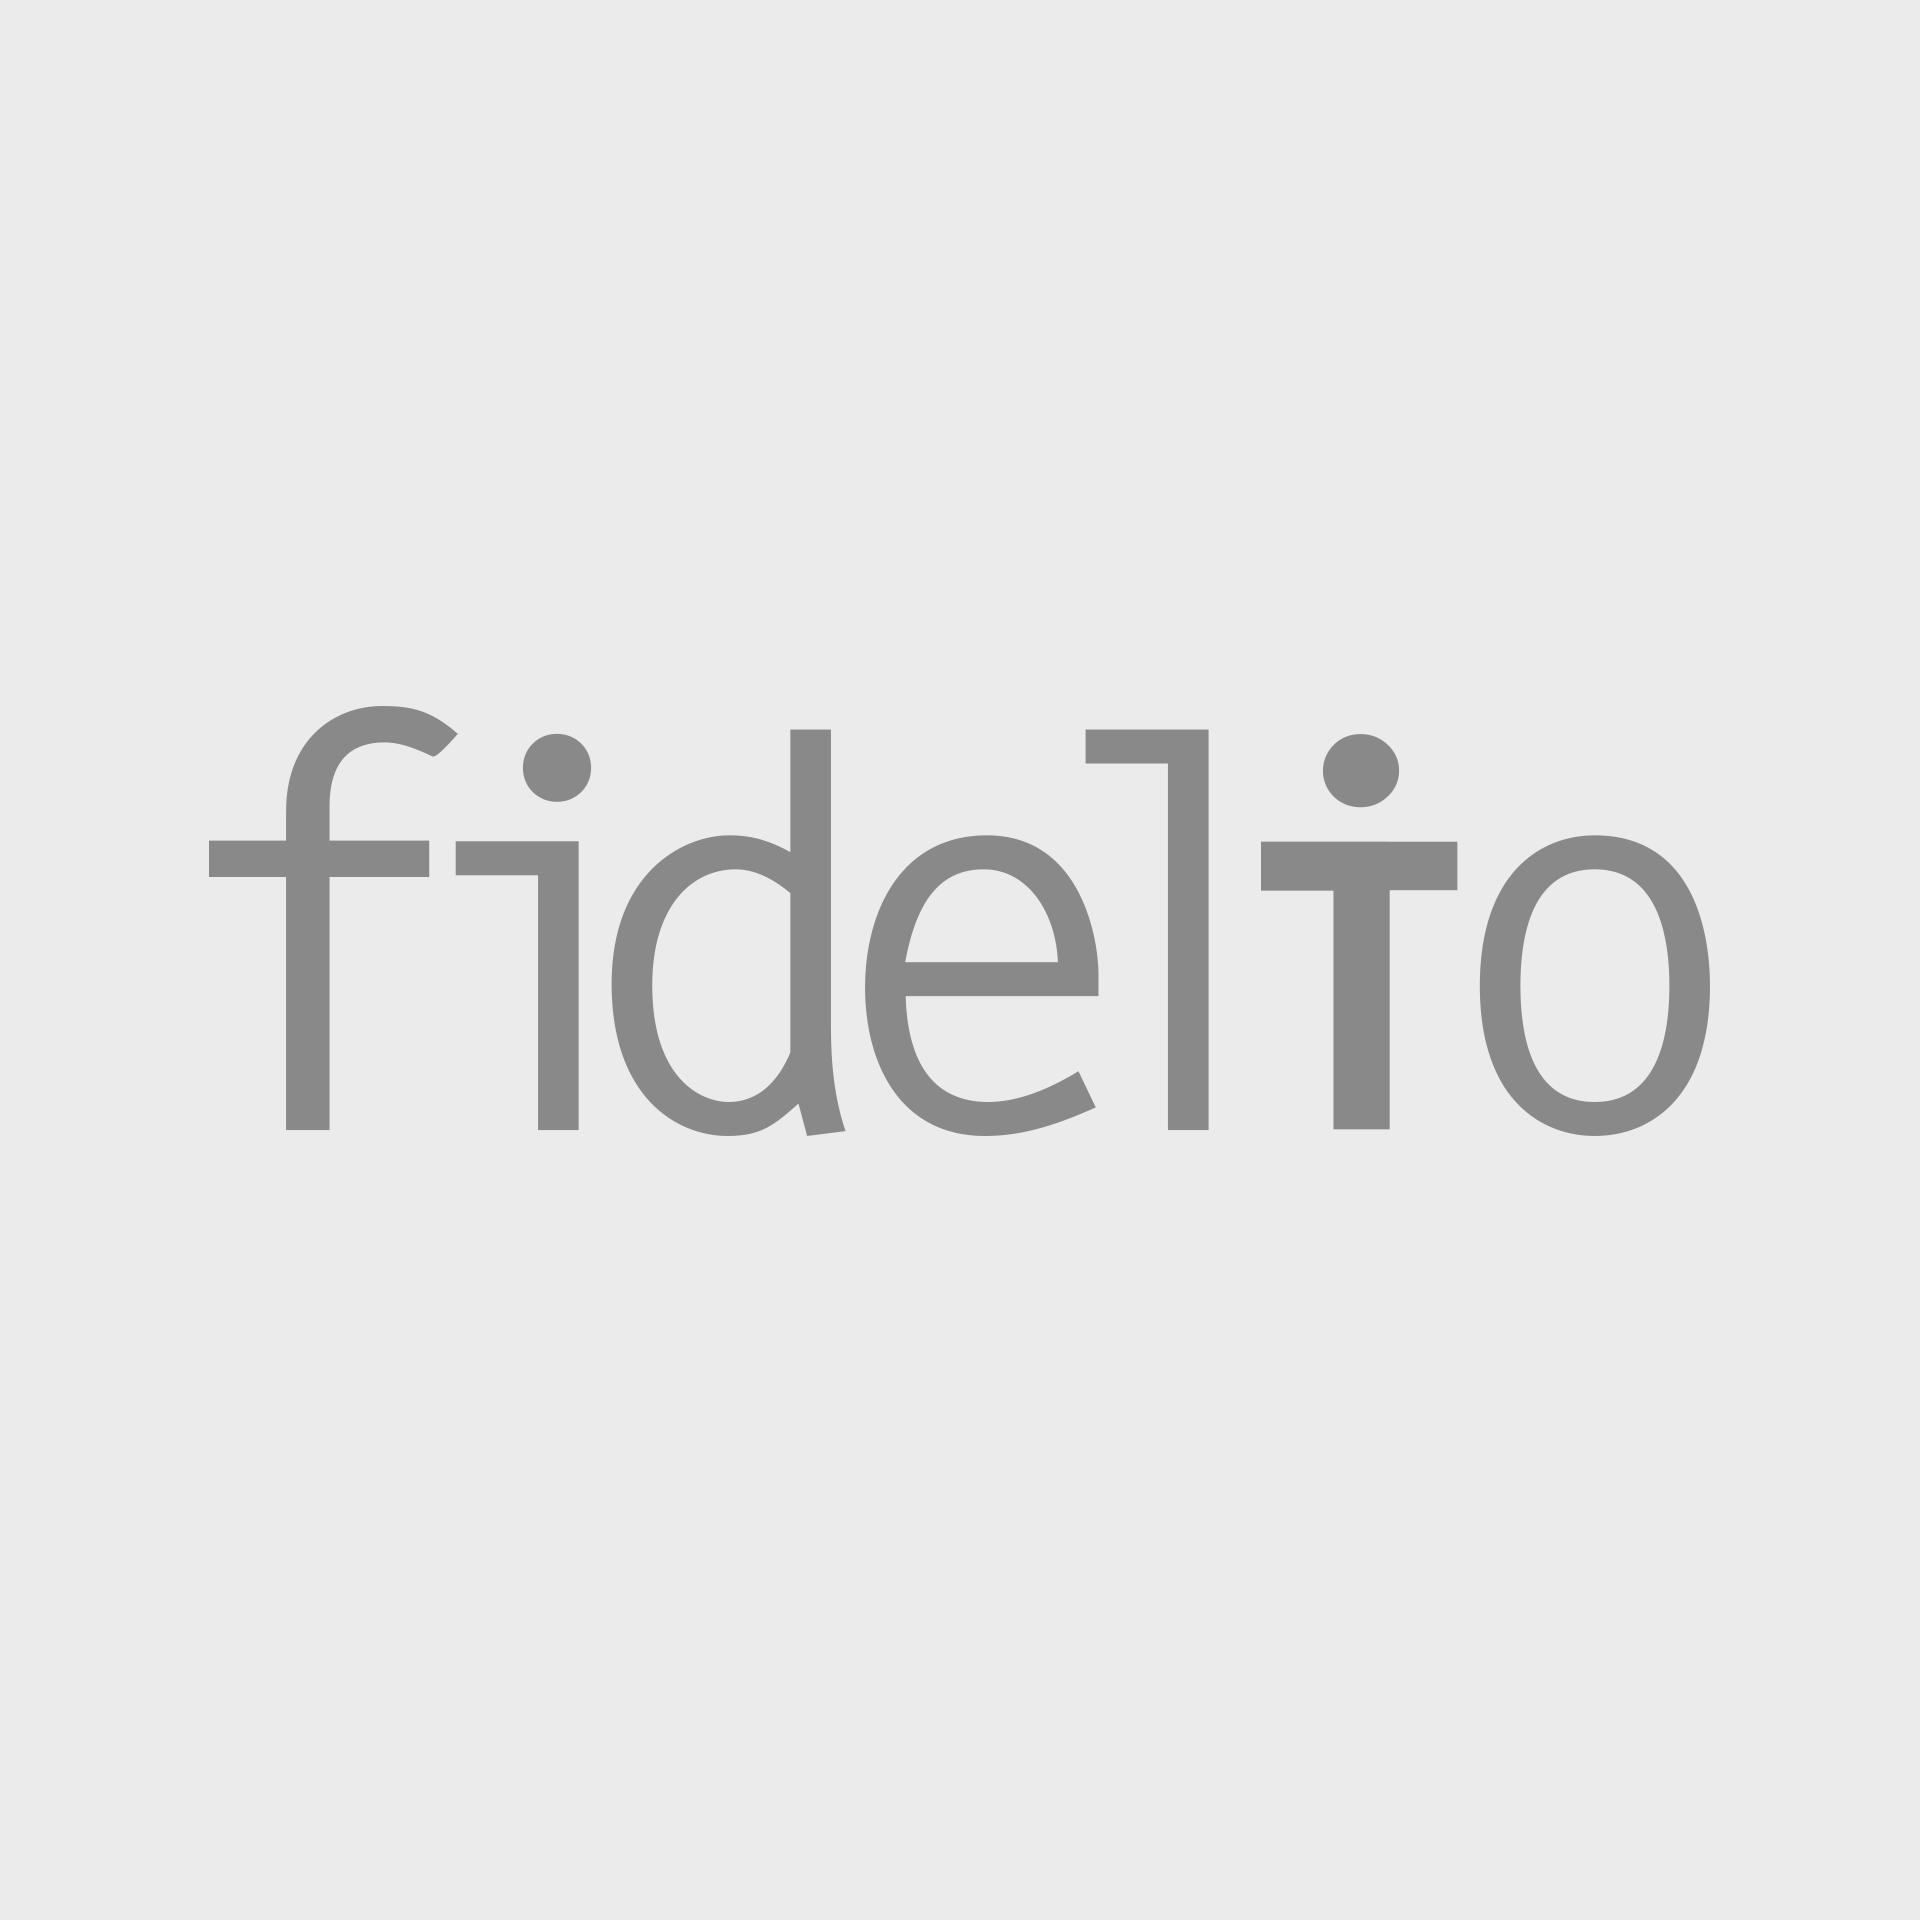 Peter Farago Ingela Klemetz Farago 01